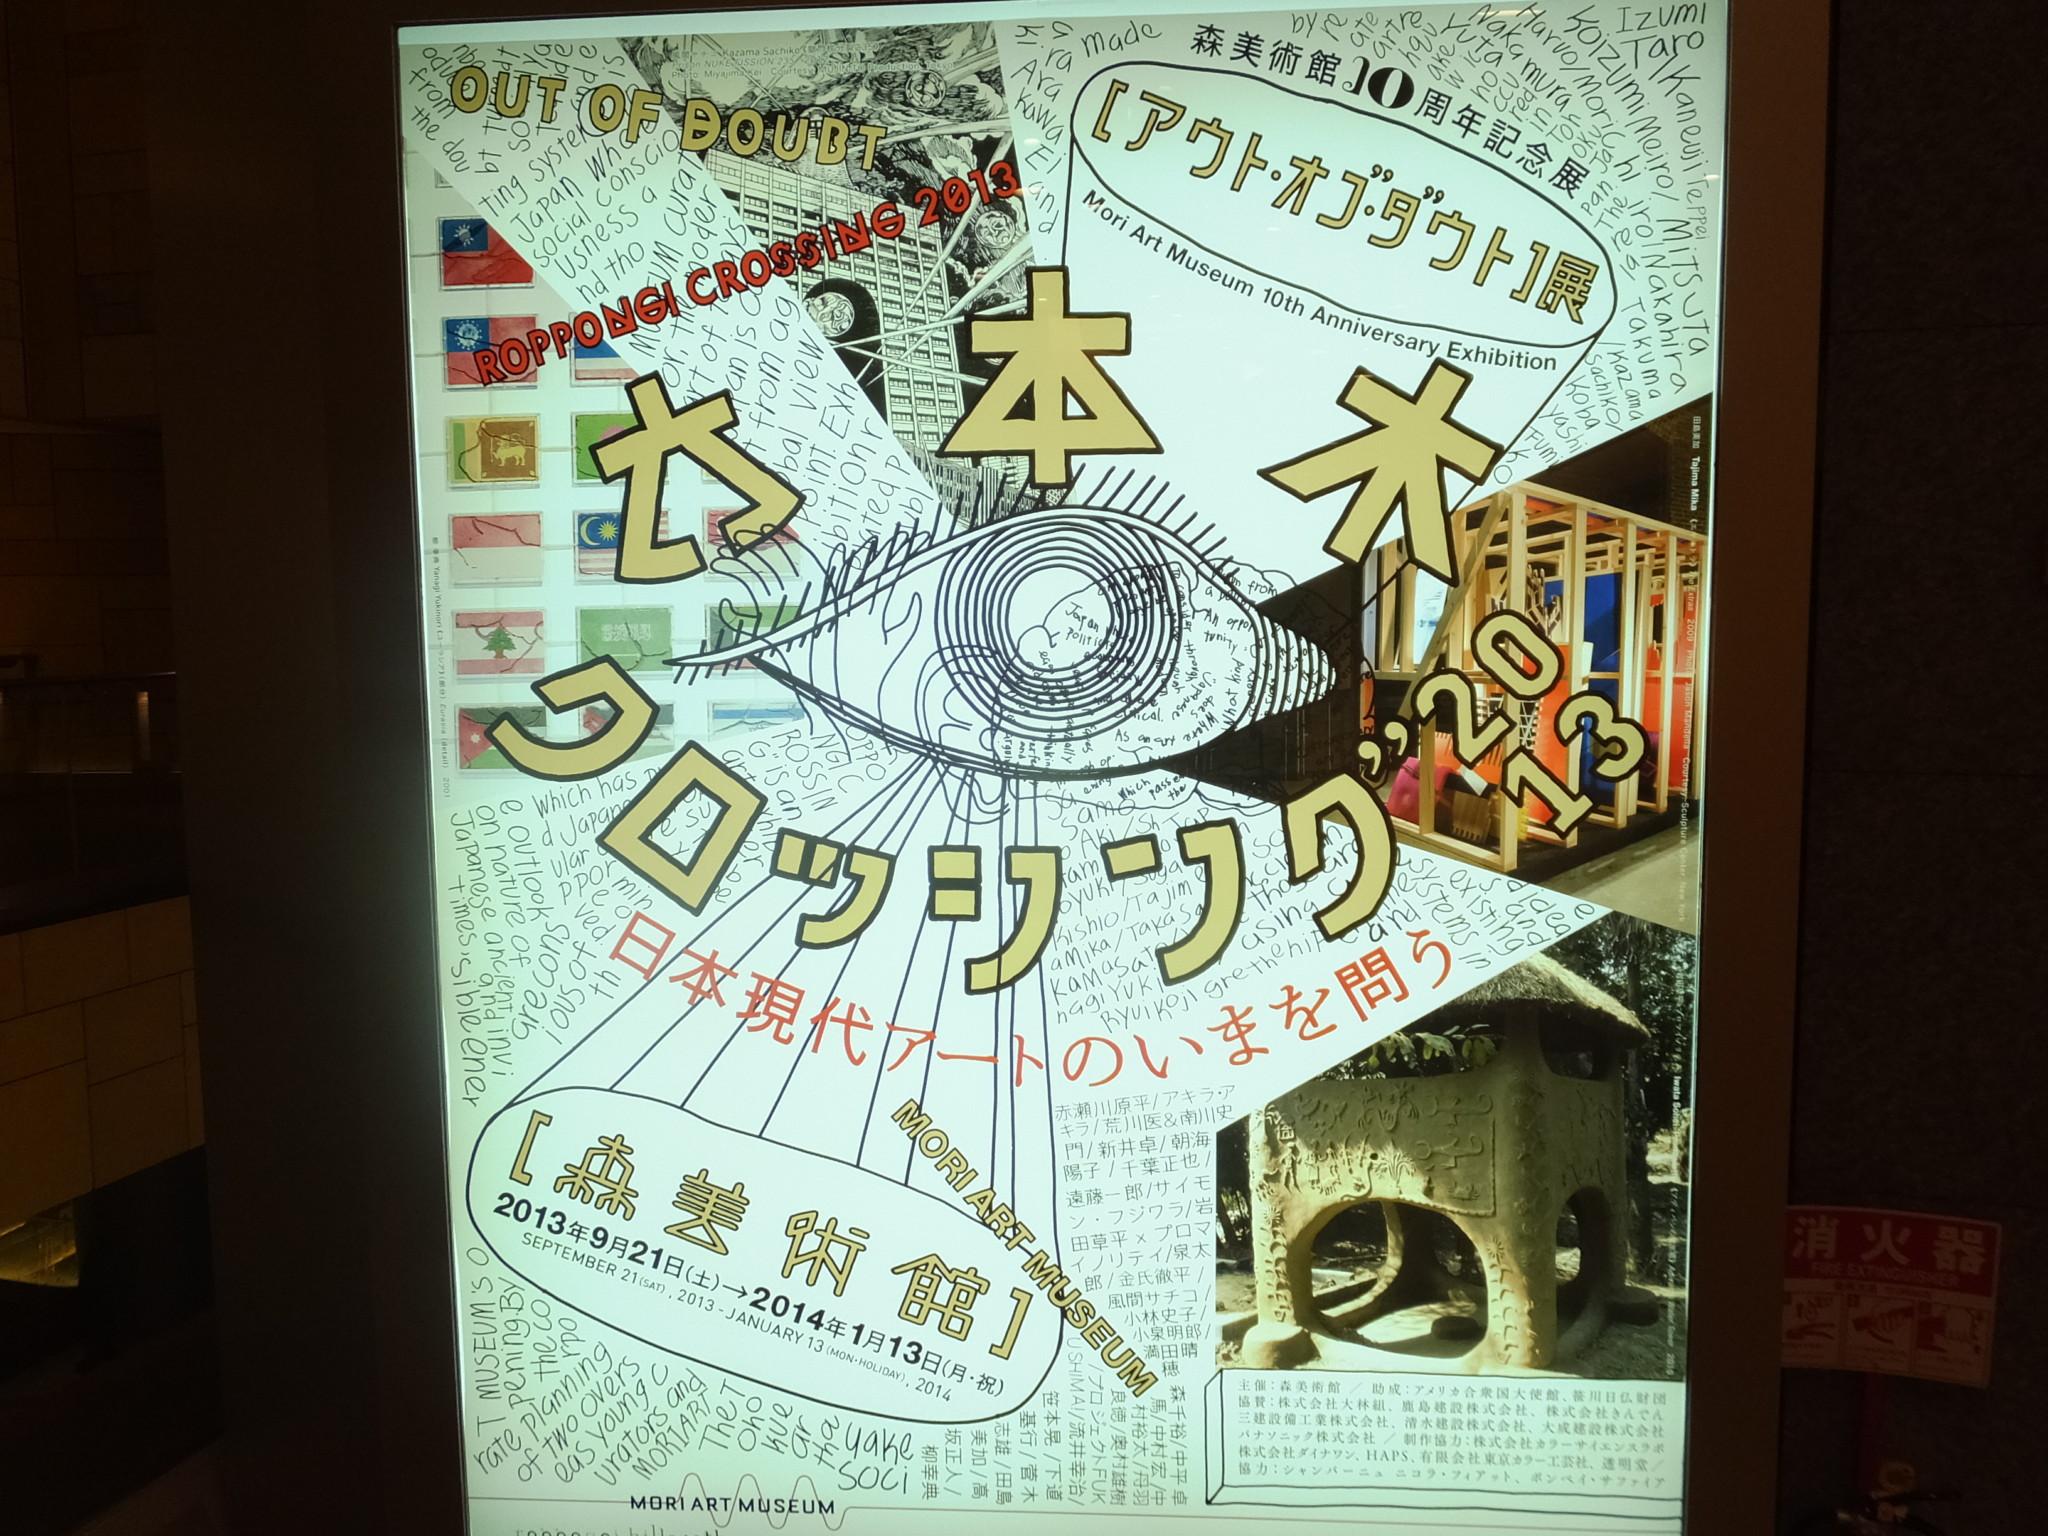 六本木クロッシング展2013